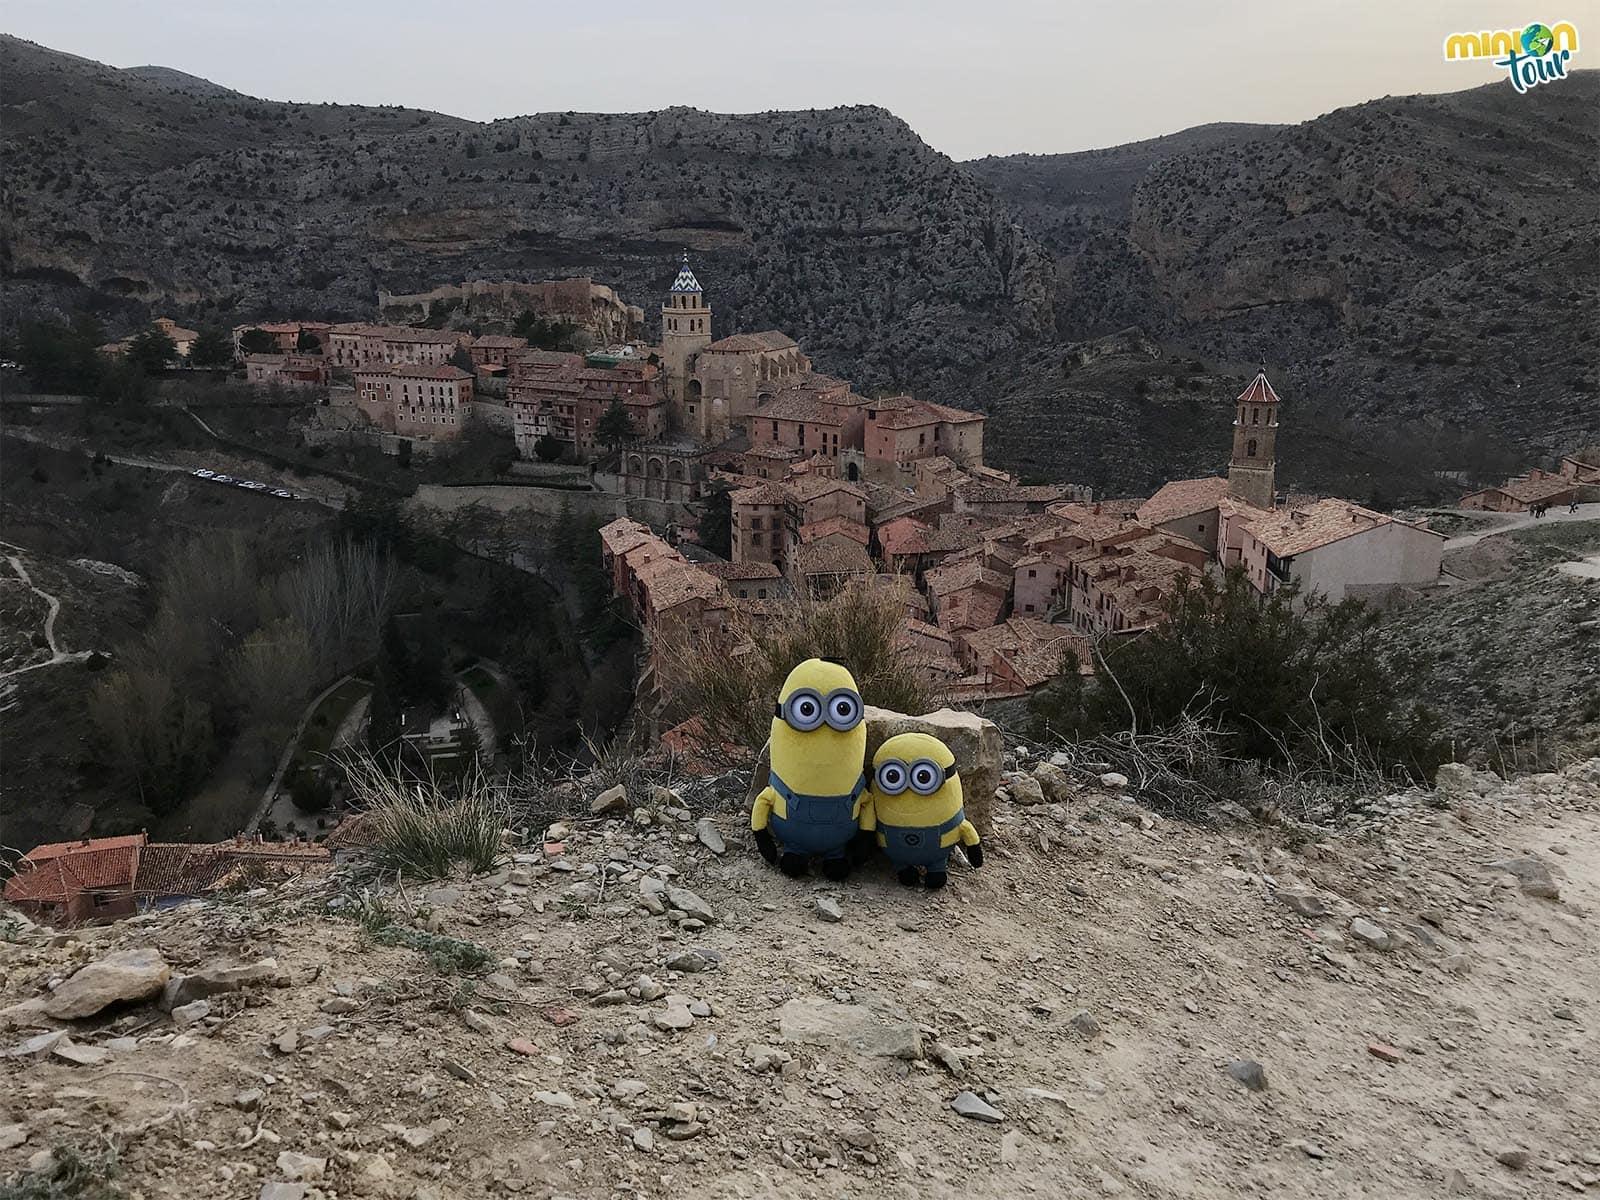 Qué ver en Albarracín, el pueblo de los tres castillos y dos murallas